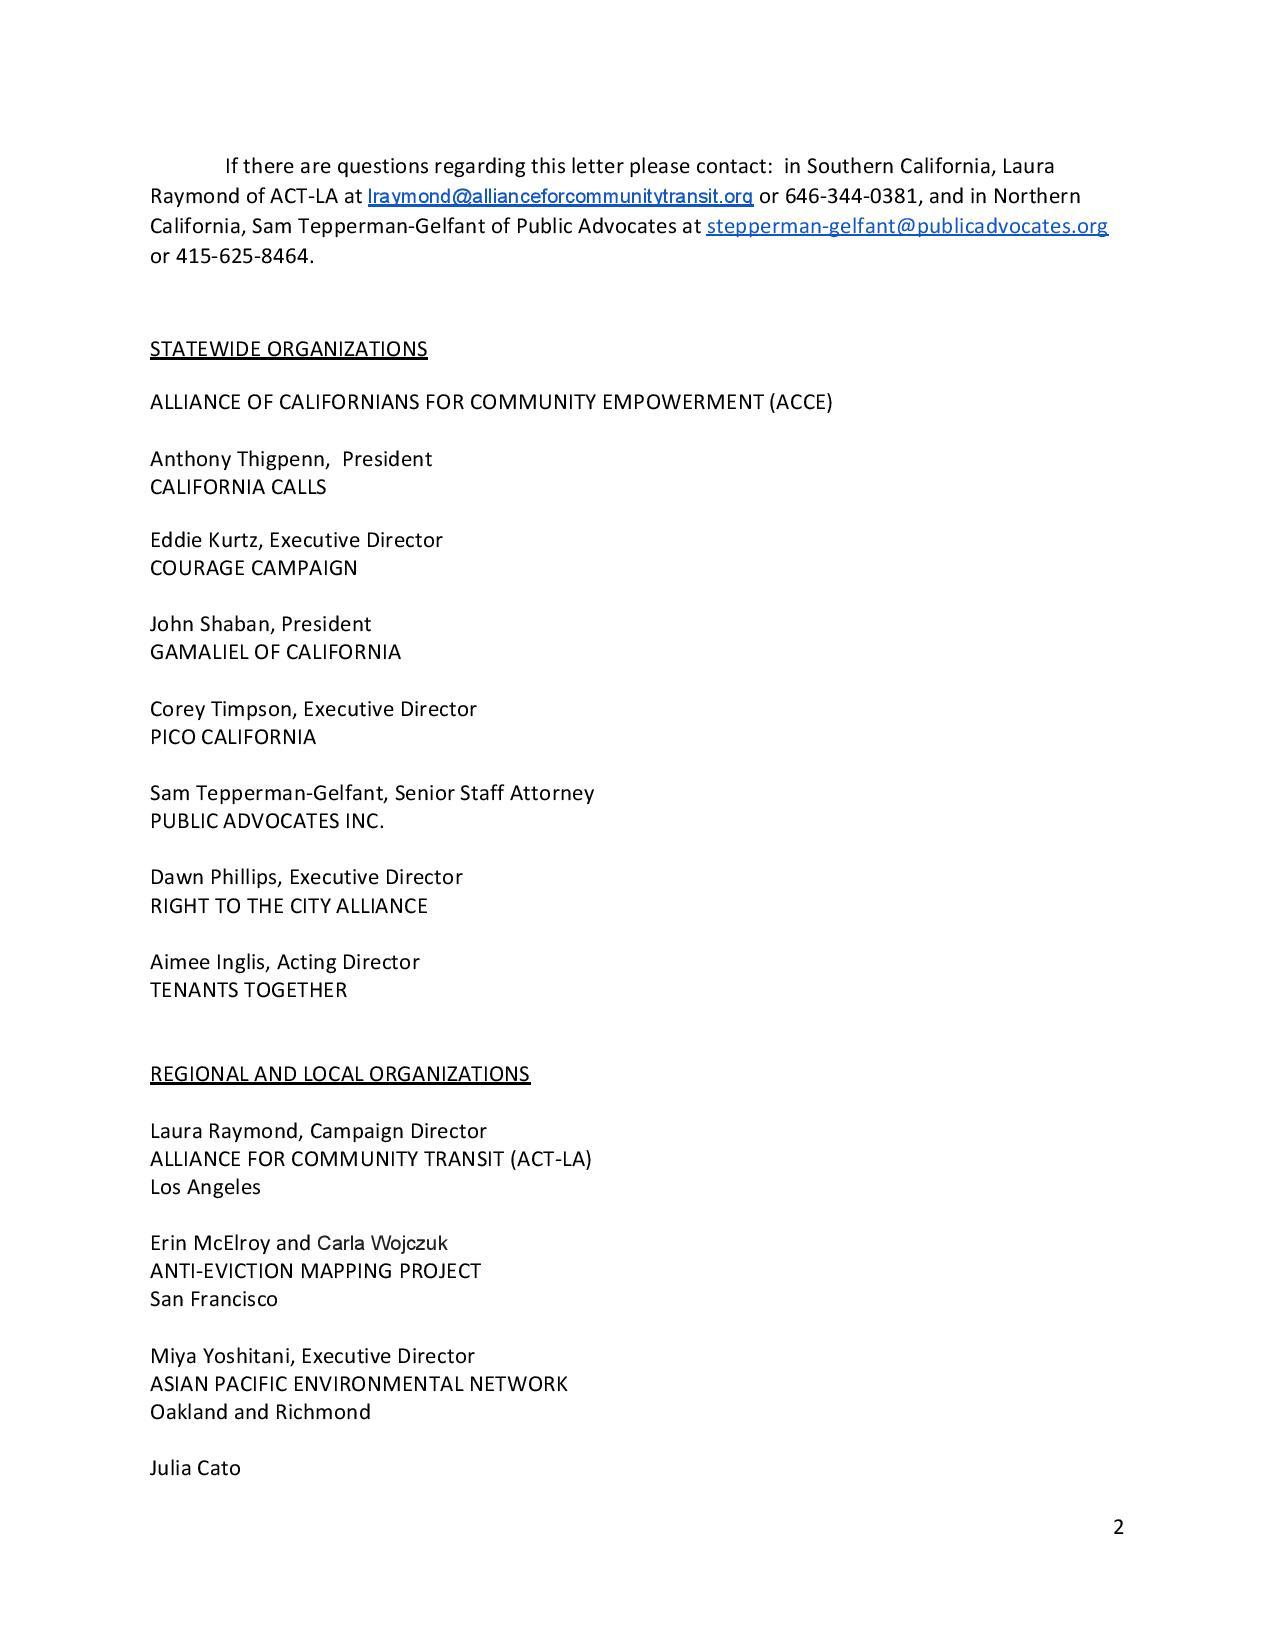 JointletterJune8_(3)-page-002.jpg